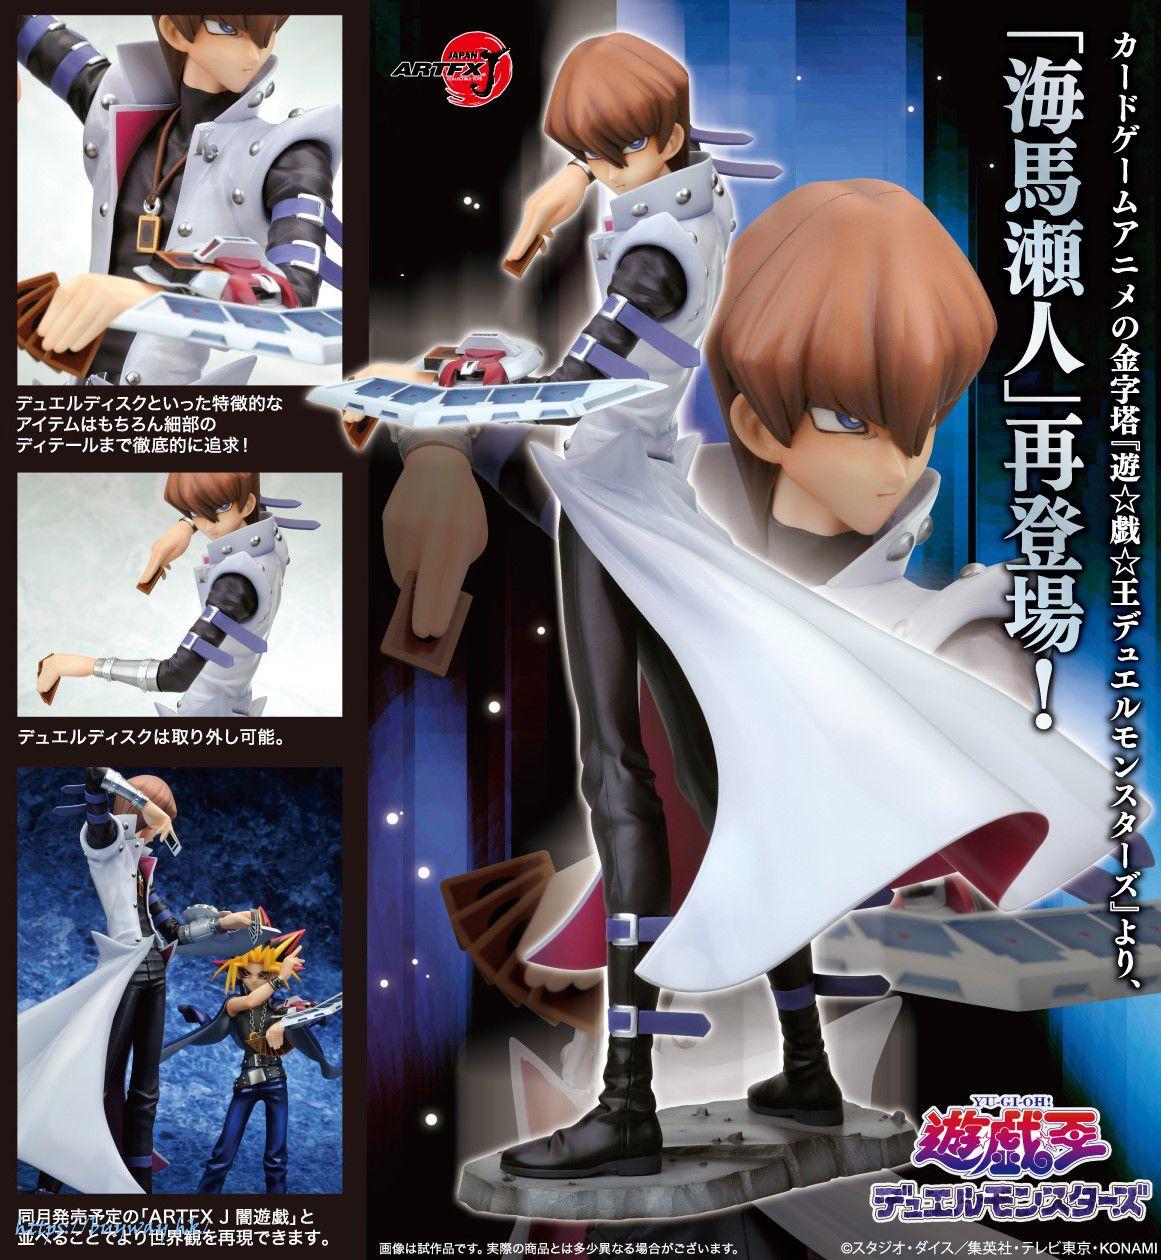 遊戲王 ARTFX J 1/7「海馬瀨人」 ARTFX J 1/7 Kaiba Seto【Yu-Gi-Oh!】